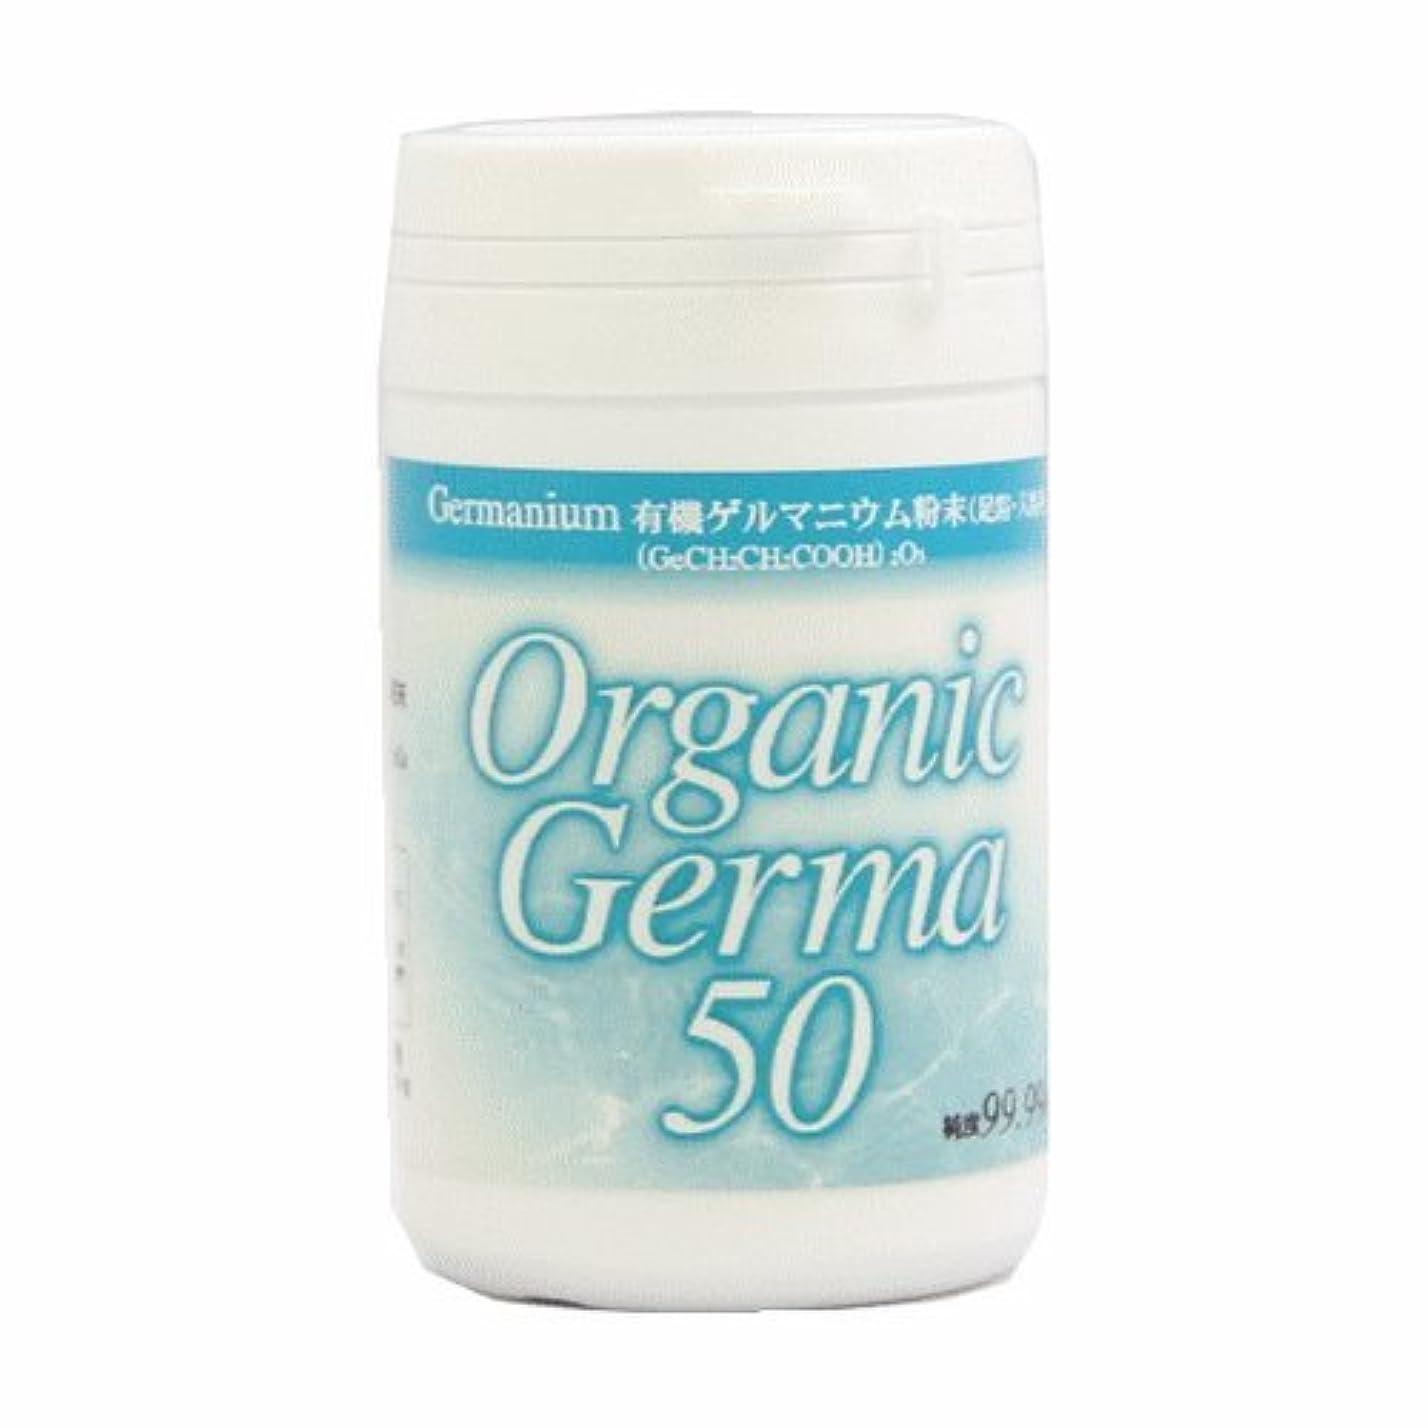 有益ダイヤル憎しみ【有機 ゲルマニウム 粉末 50g (Ge-132) 99.99% 温浴用】 ゲルマ パウダー